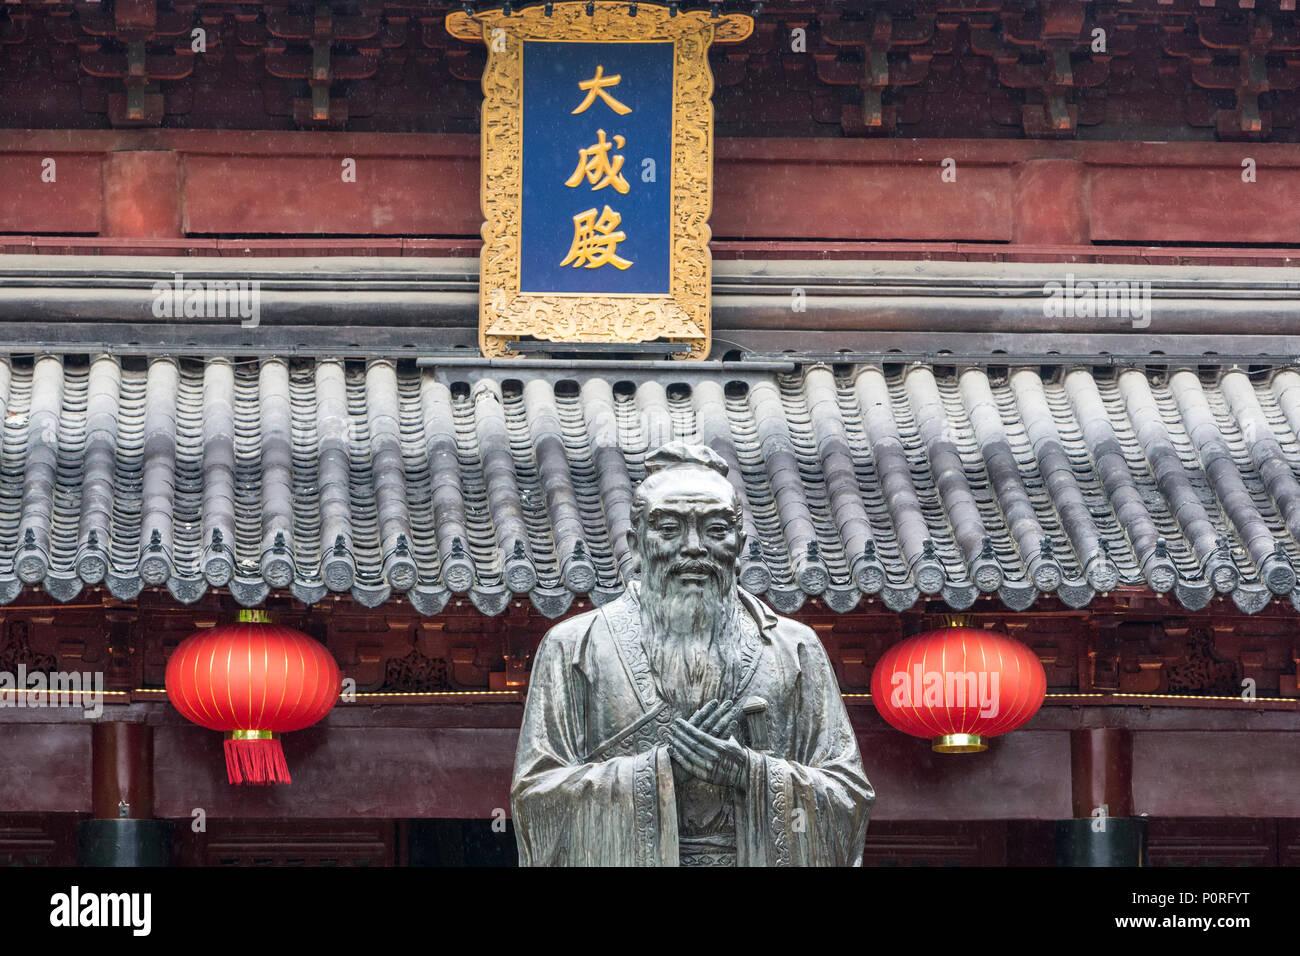 Nanjing, Jiangsu, China.  Confucius Statue in Courtyard of the Confucian Temple. - Stock Image